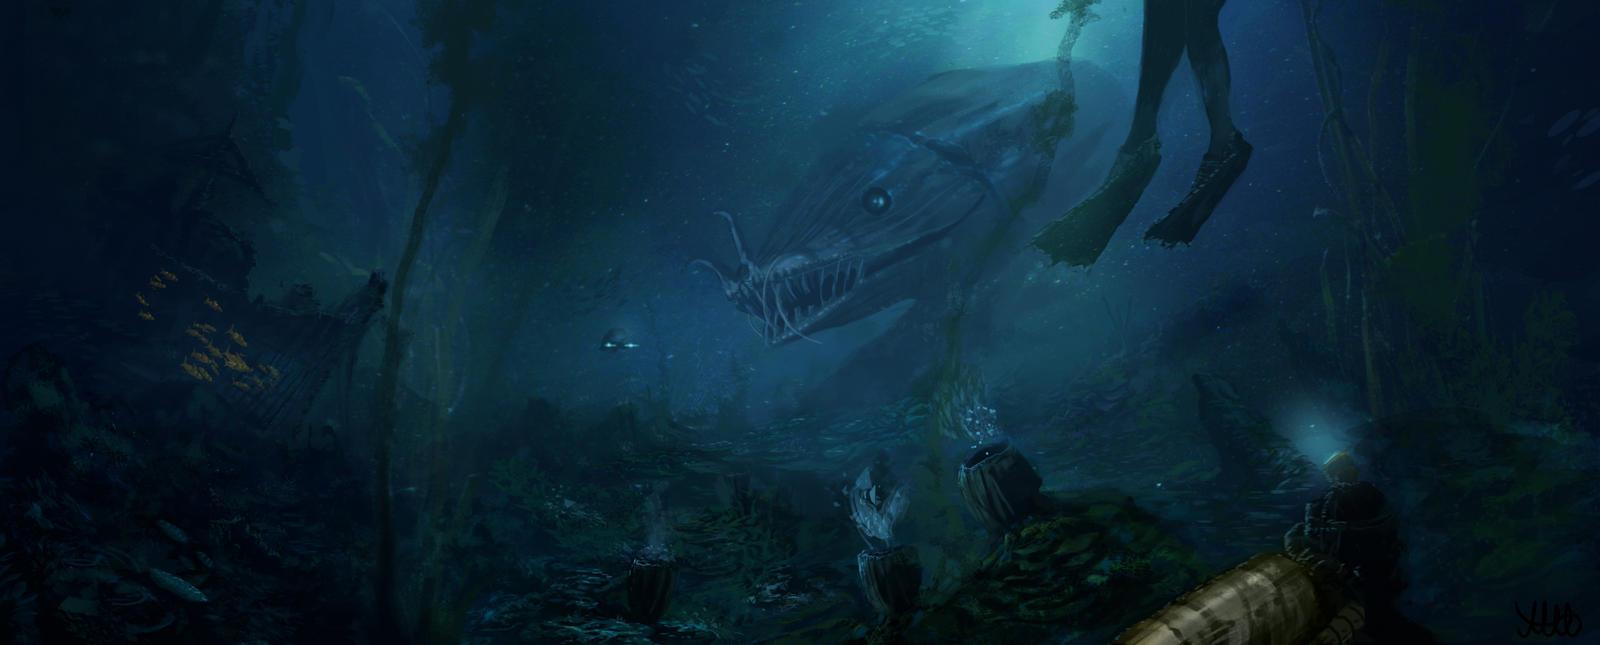 Digital Painting Ocean Floor